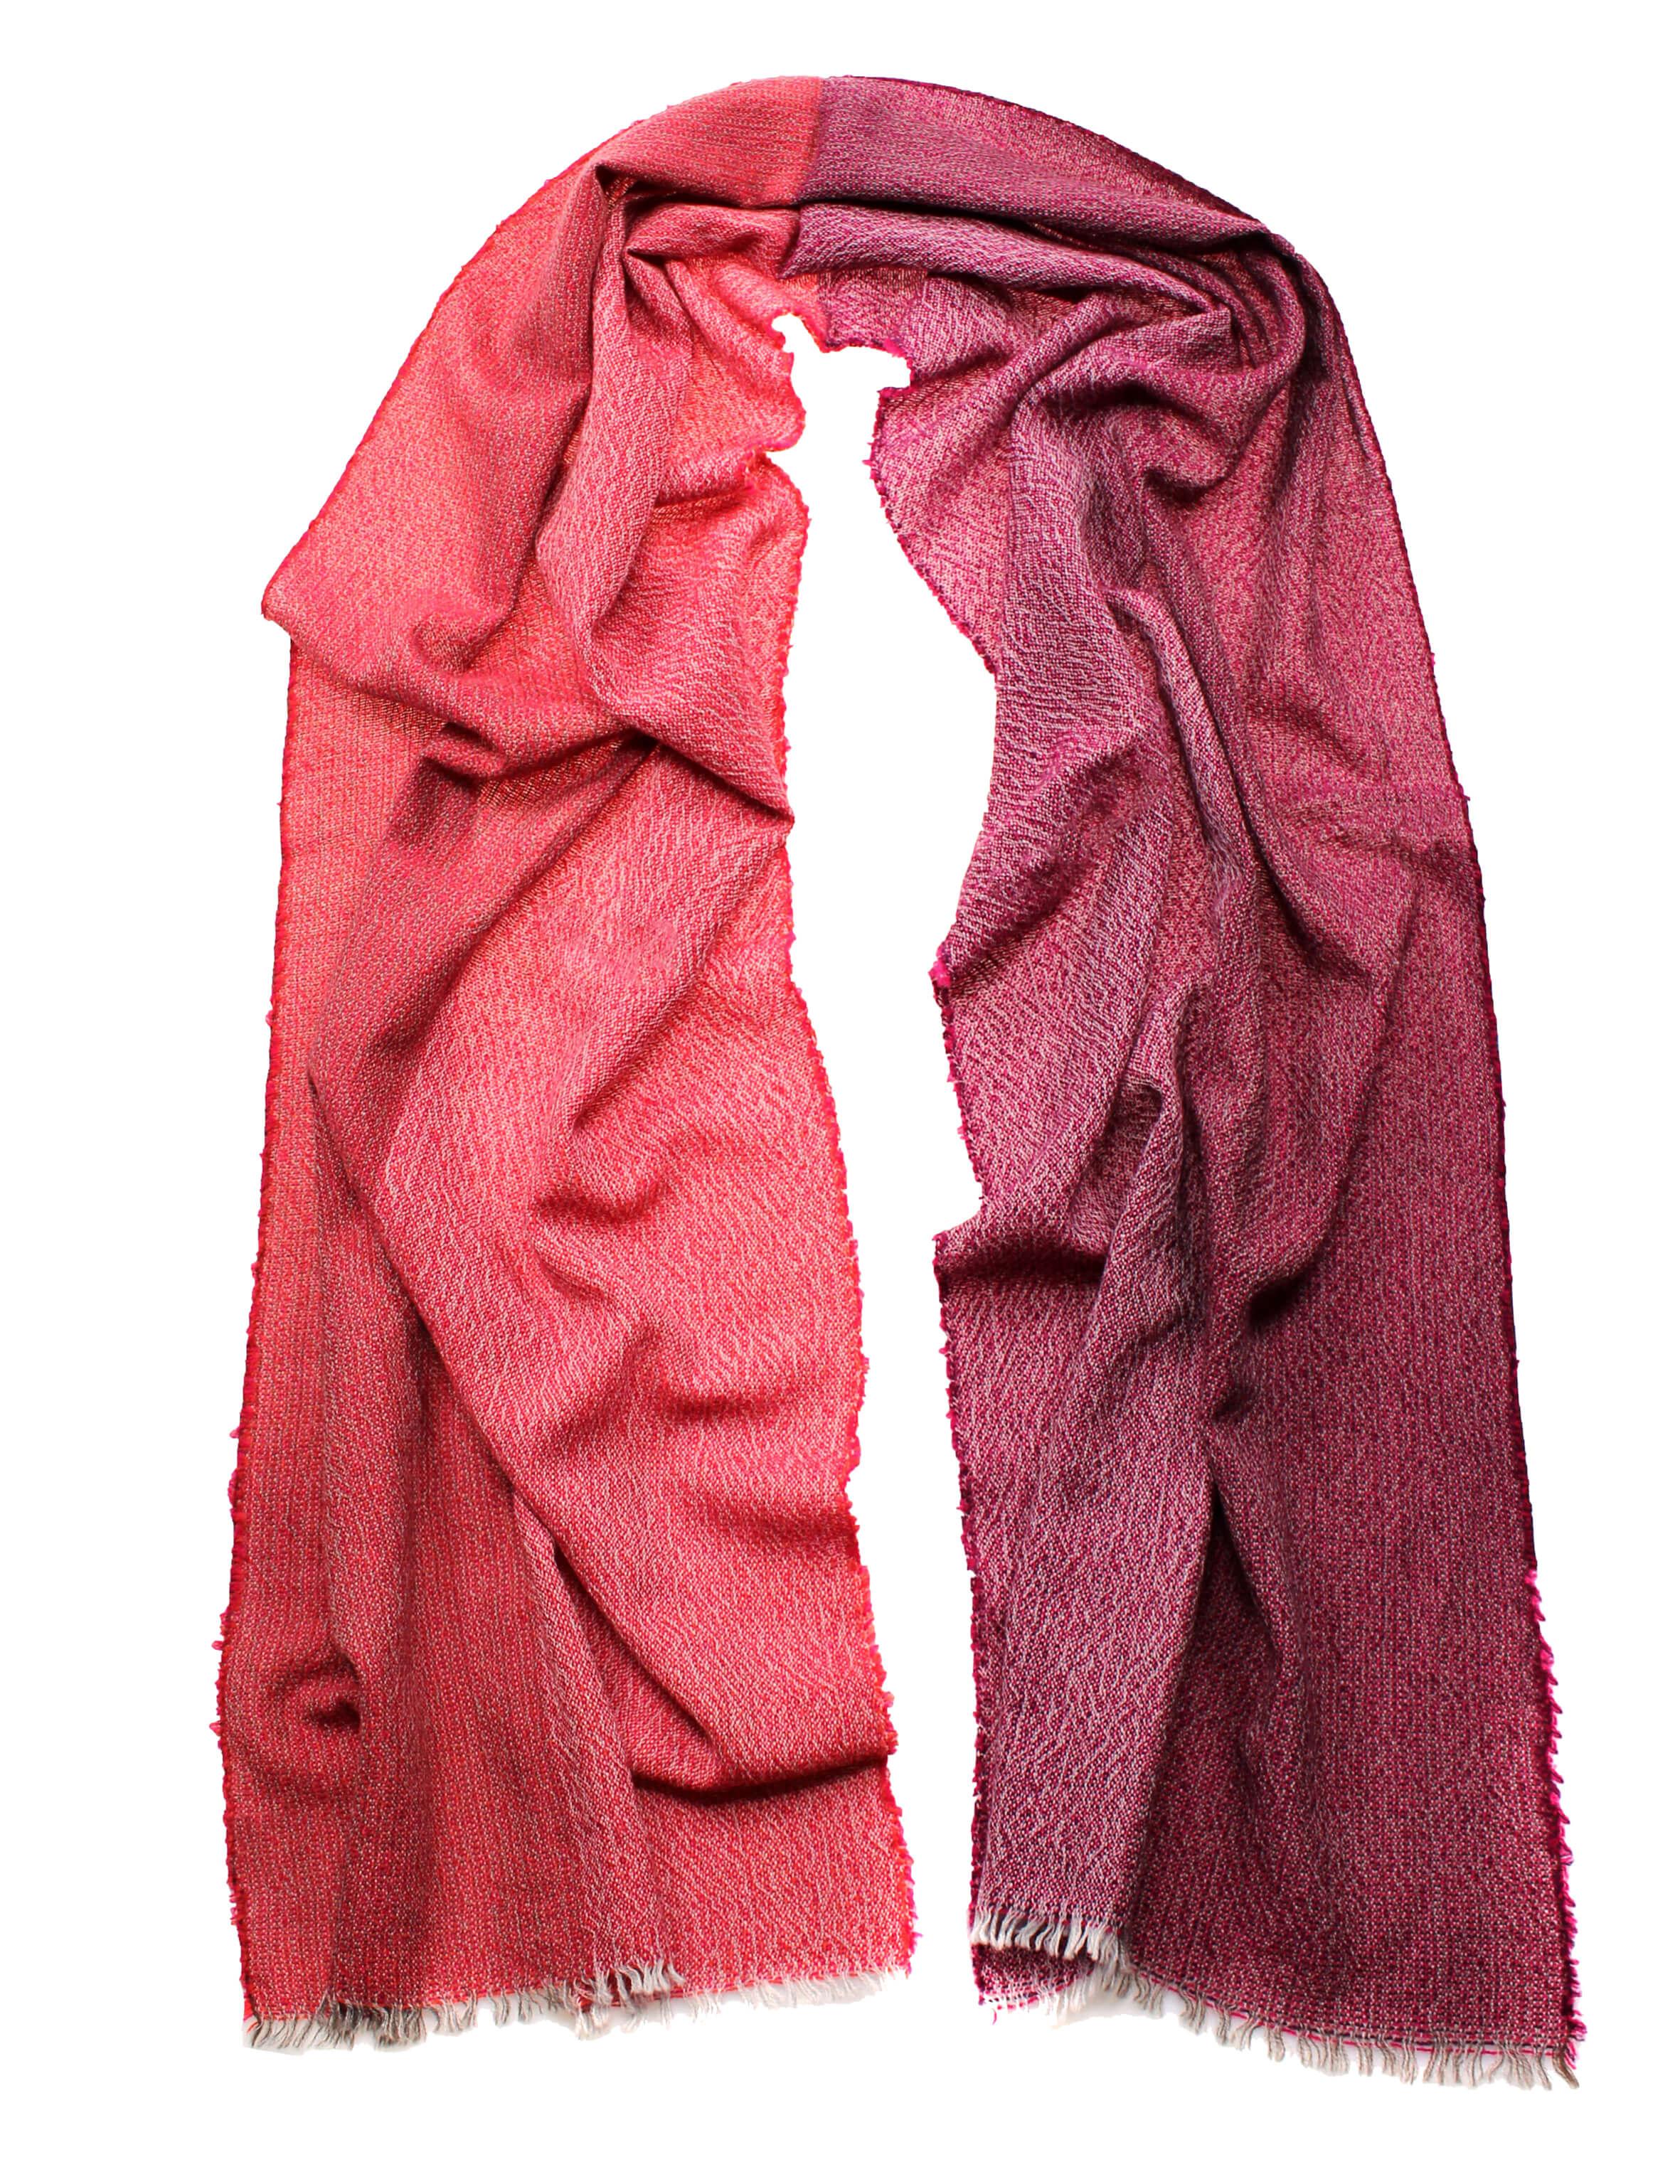 Bild von 022-0295_5, Variante rot